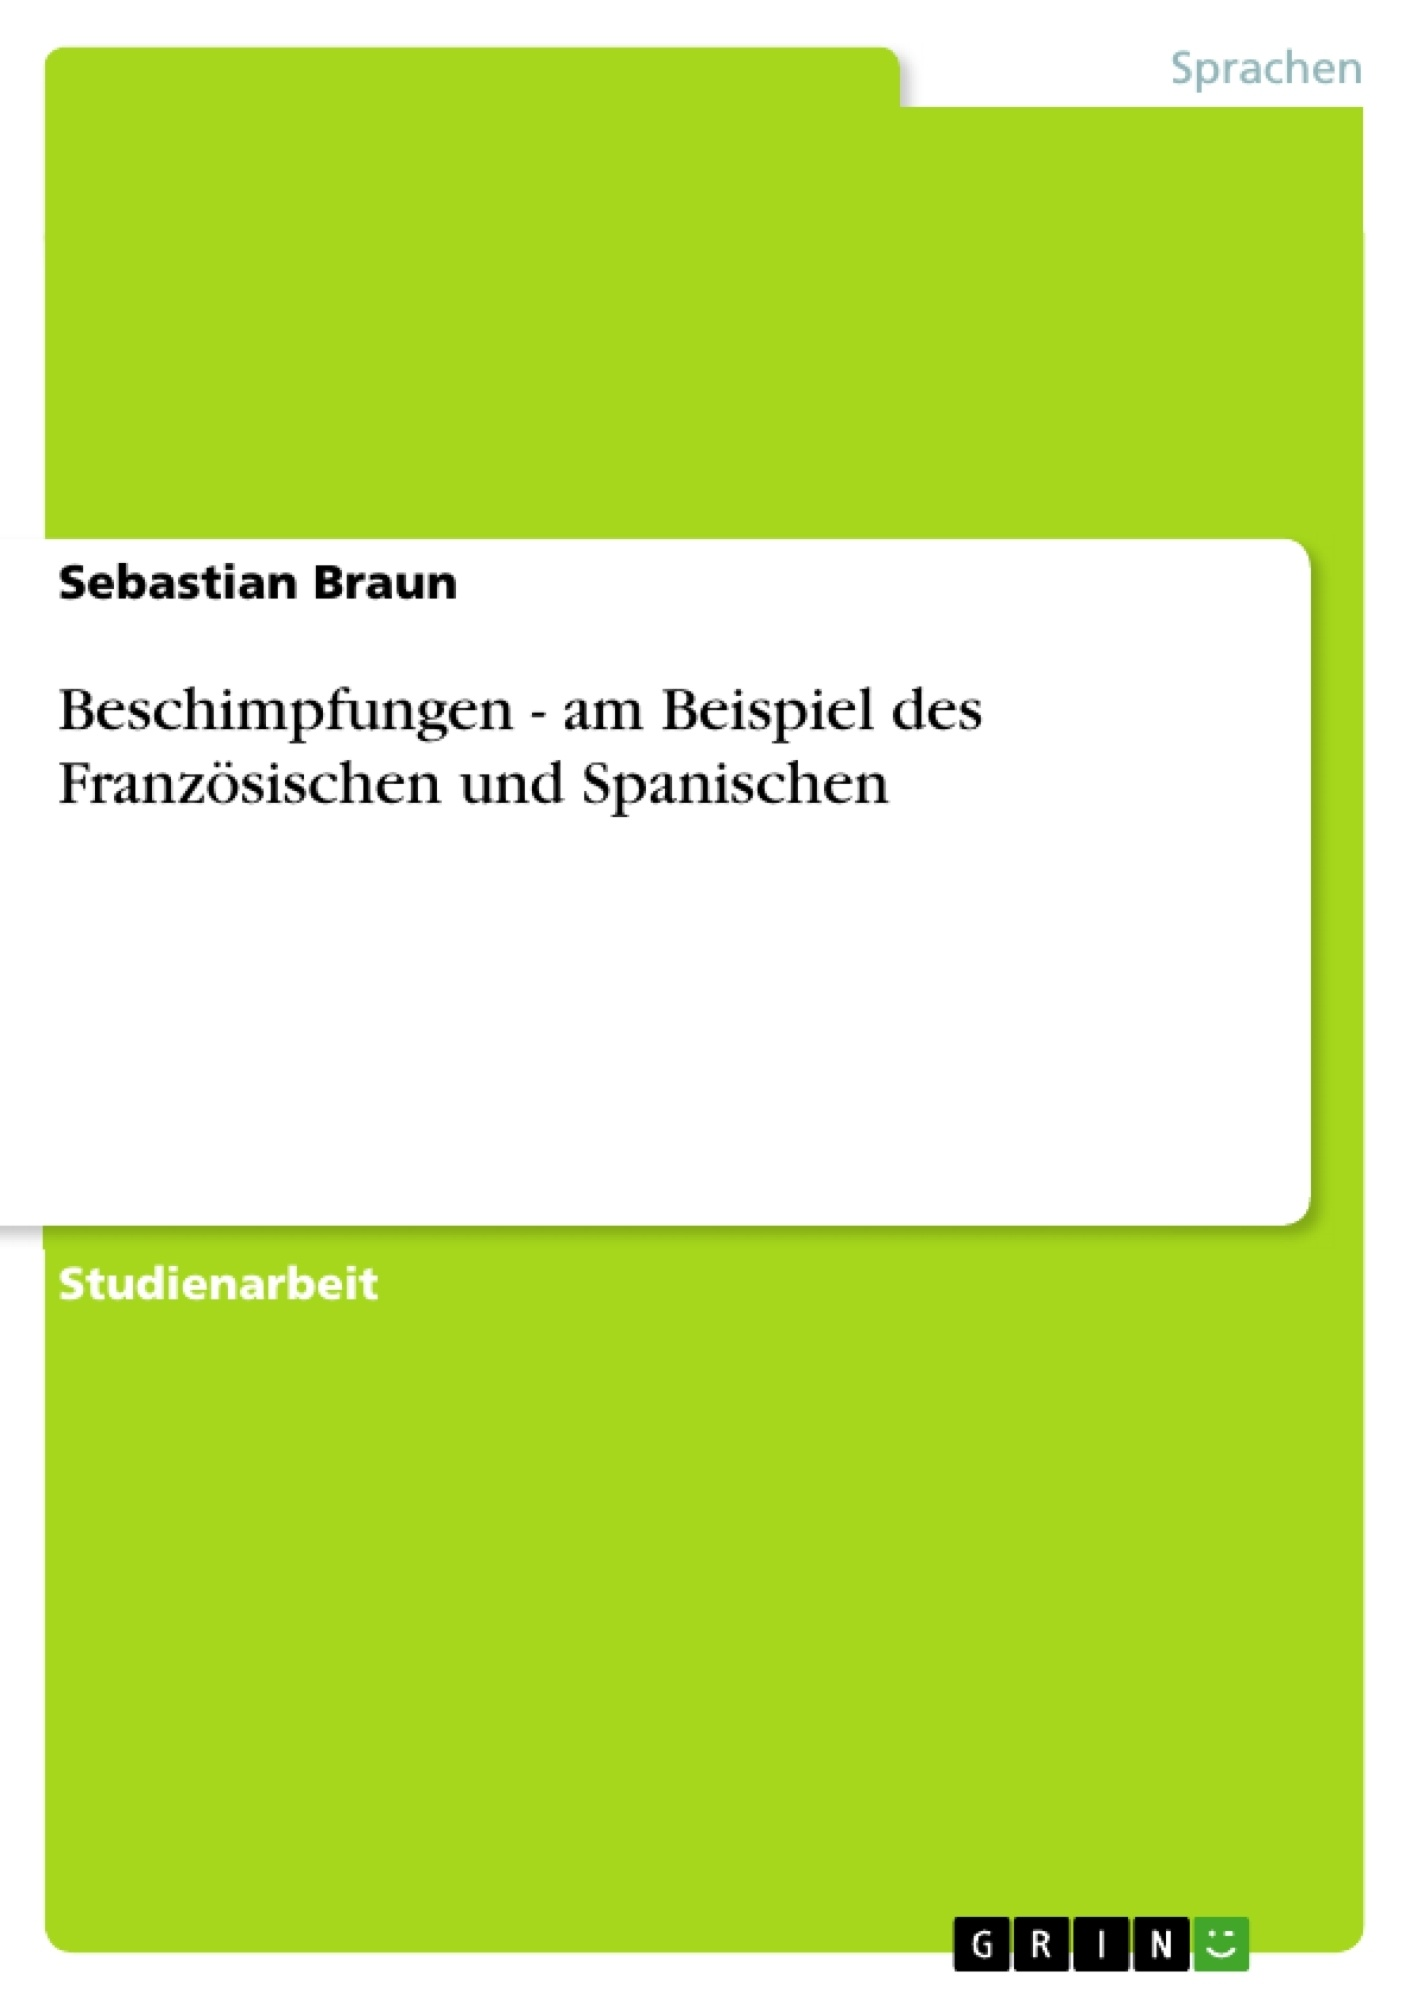 Titel: Beschimpfungen - am Beispiel des Französischen und Spanischen